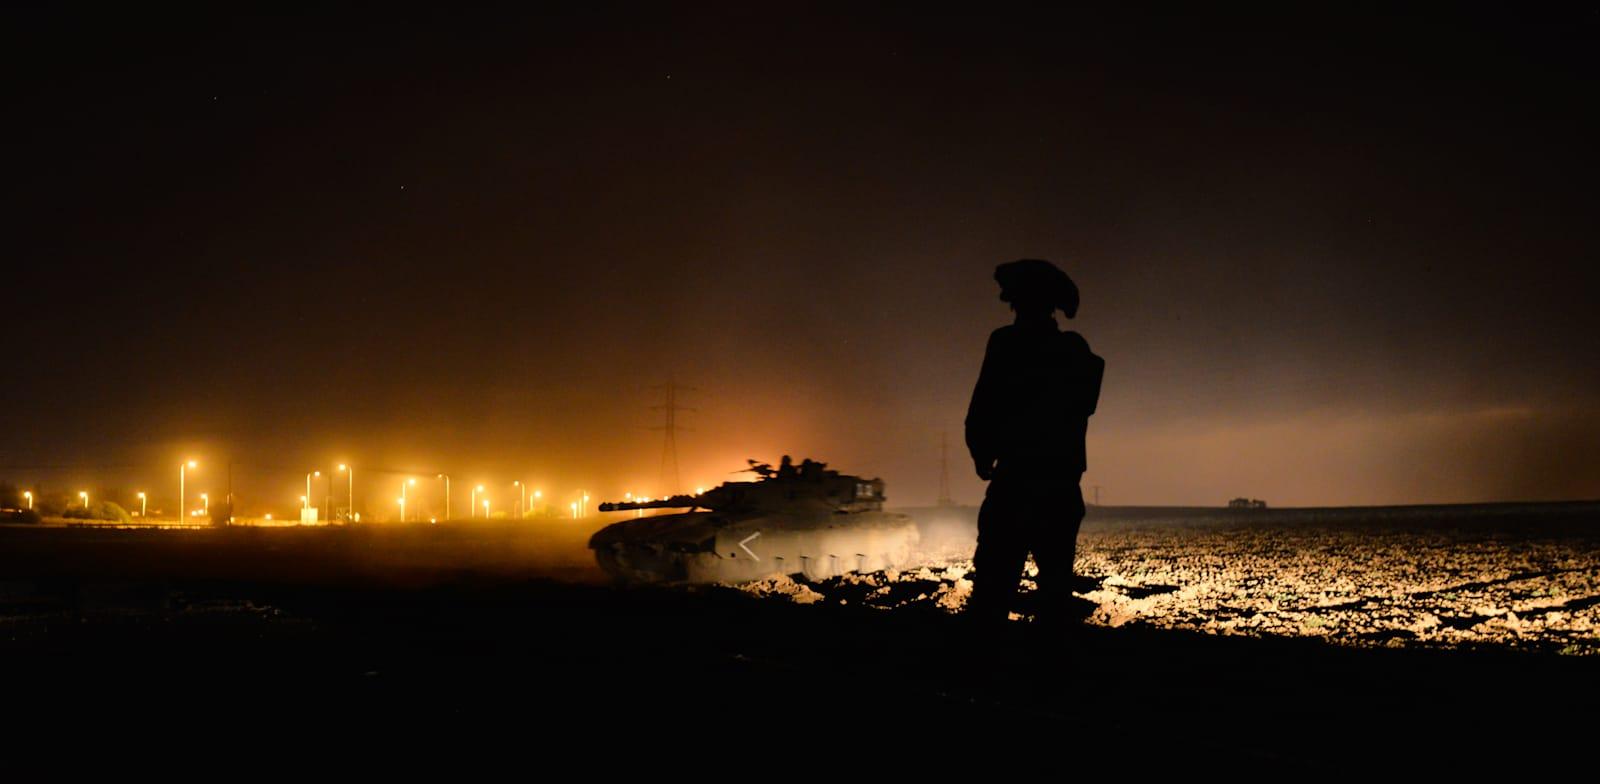 הקצין לא הופעל על ידי גורם זר או עמד בקשר עם גורמים עוינים / צילום: Shutterstock, Ran Zisovitch